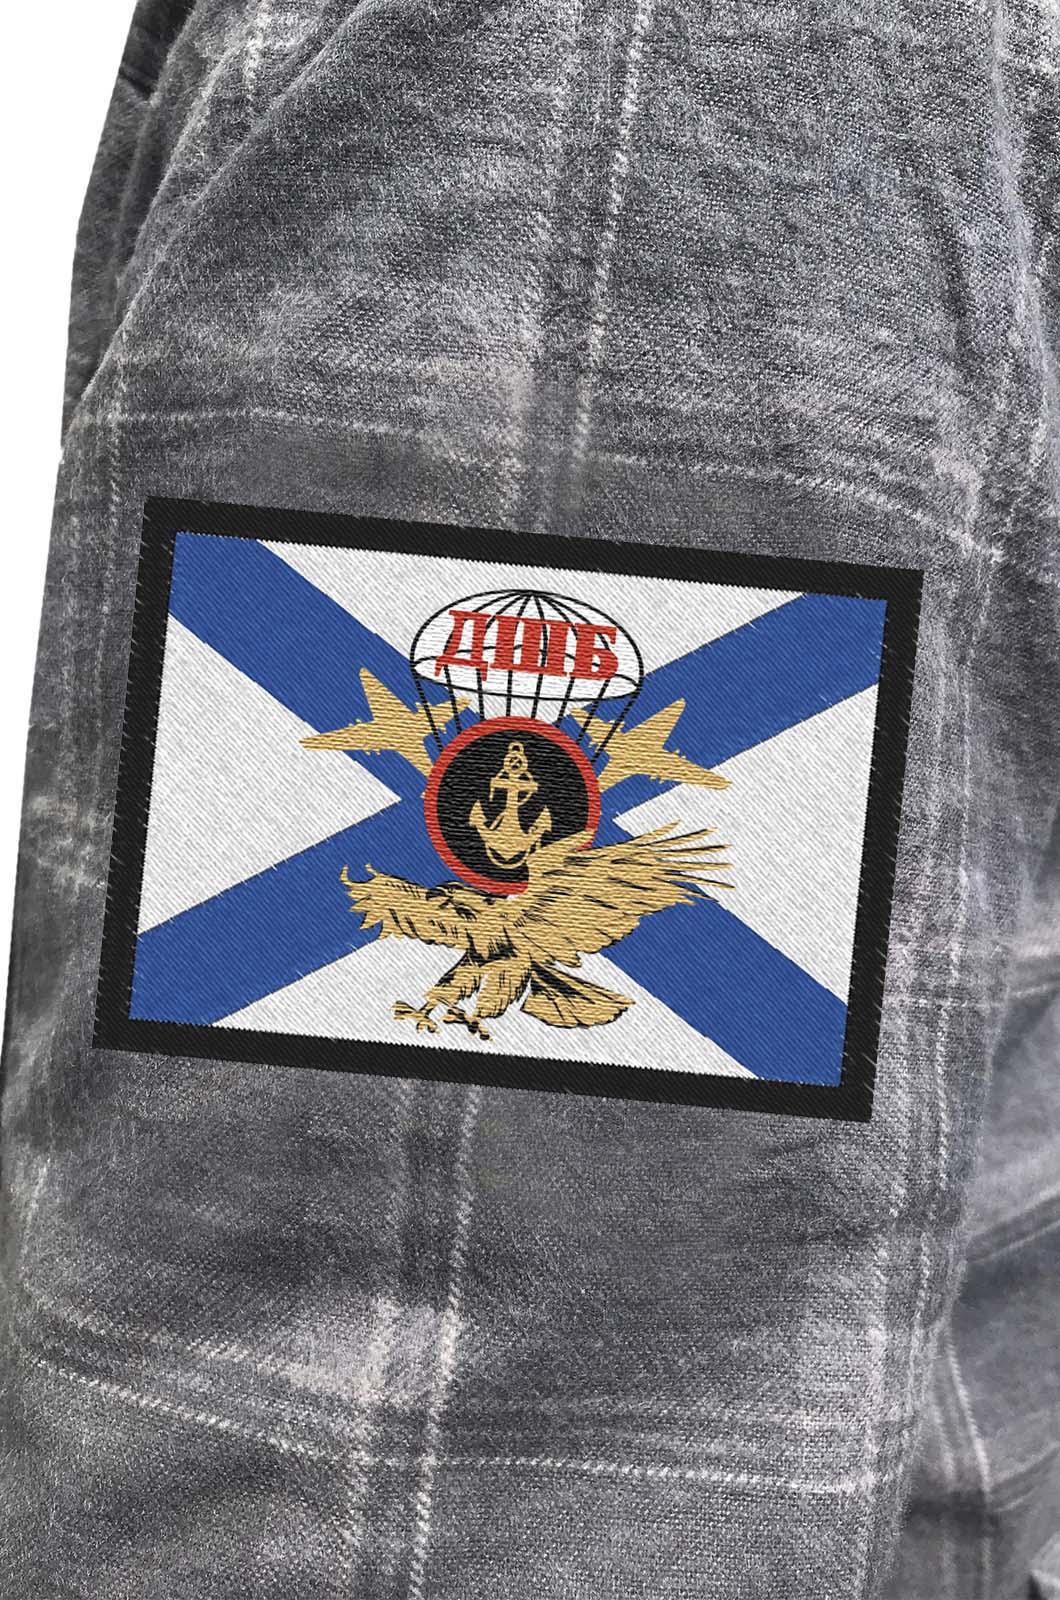 Утепленная мужская рубашка ДШБ Морской пехоты купить в розницу